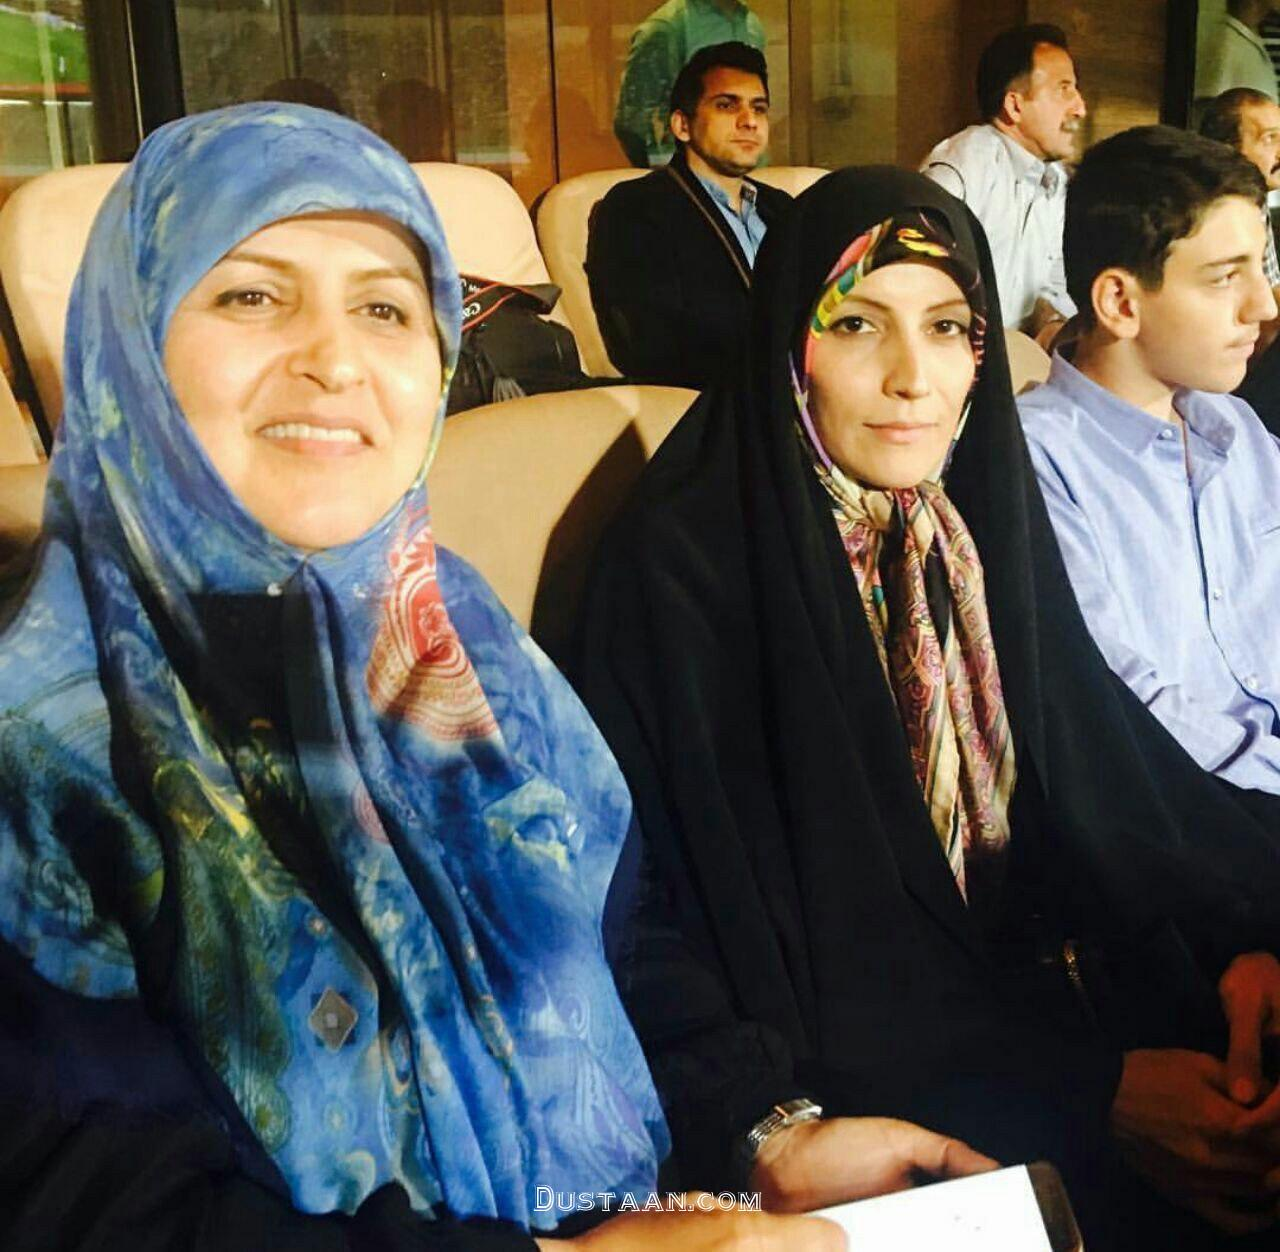 www.dustaan.com حضور طیبه سیاوشی در ورزشگاه آزادی برای تماشای بازی ایران سوریه